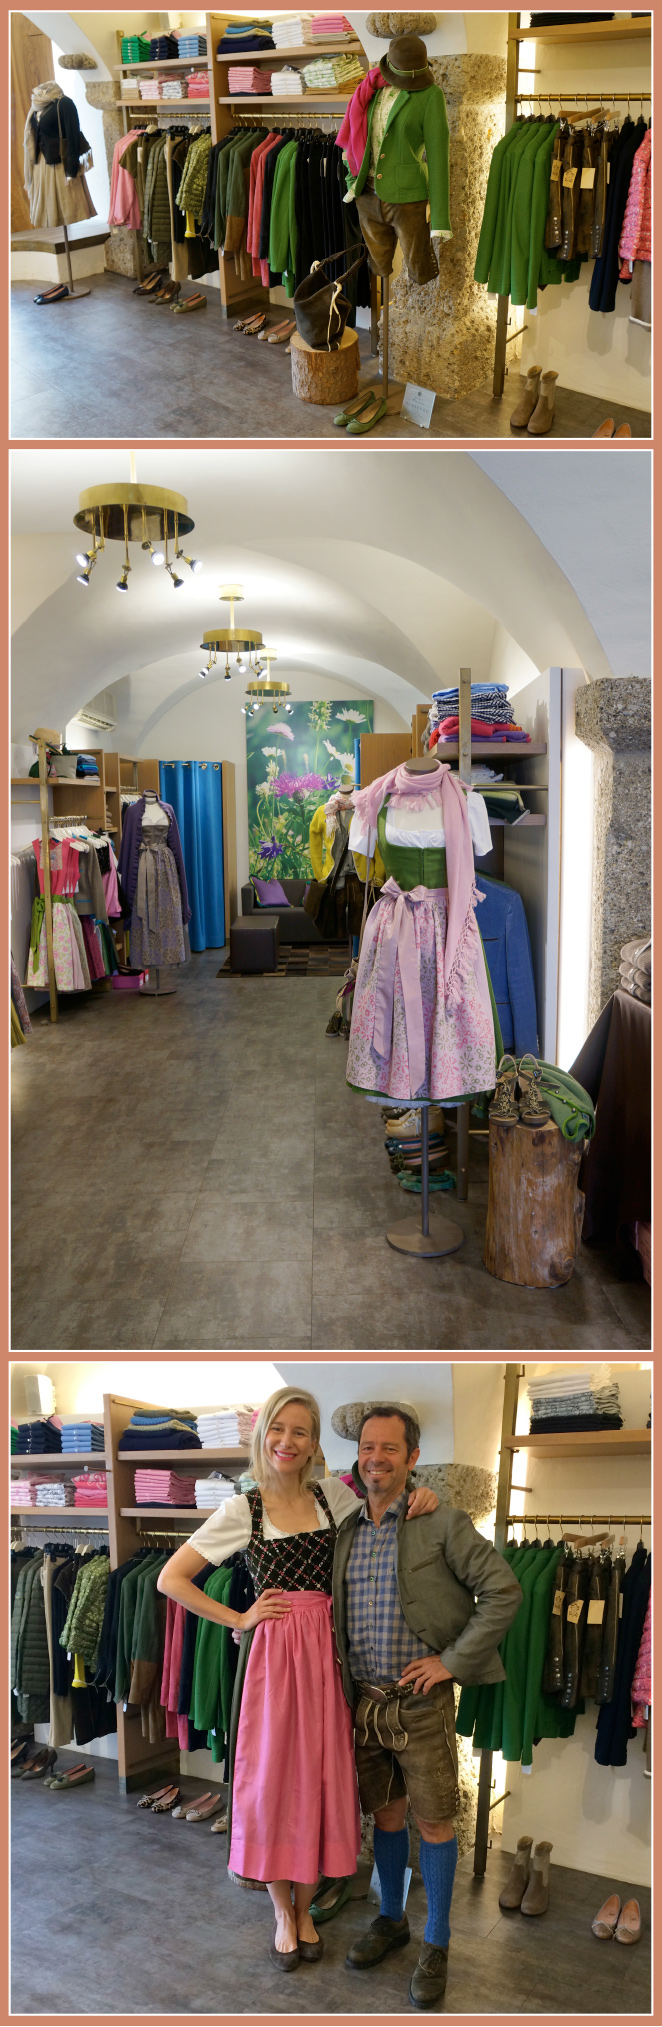 Forstenlechner una de las tiendas mas famosas de la ciudad de ropa austríaca. Otra tienda que destaca por el cuidado artesanal en la elaboración de cada una de sus piezas es Jahn-Markl en Residenzplatz 3